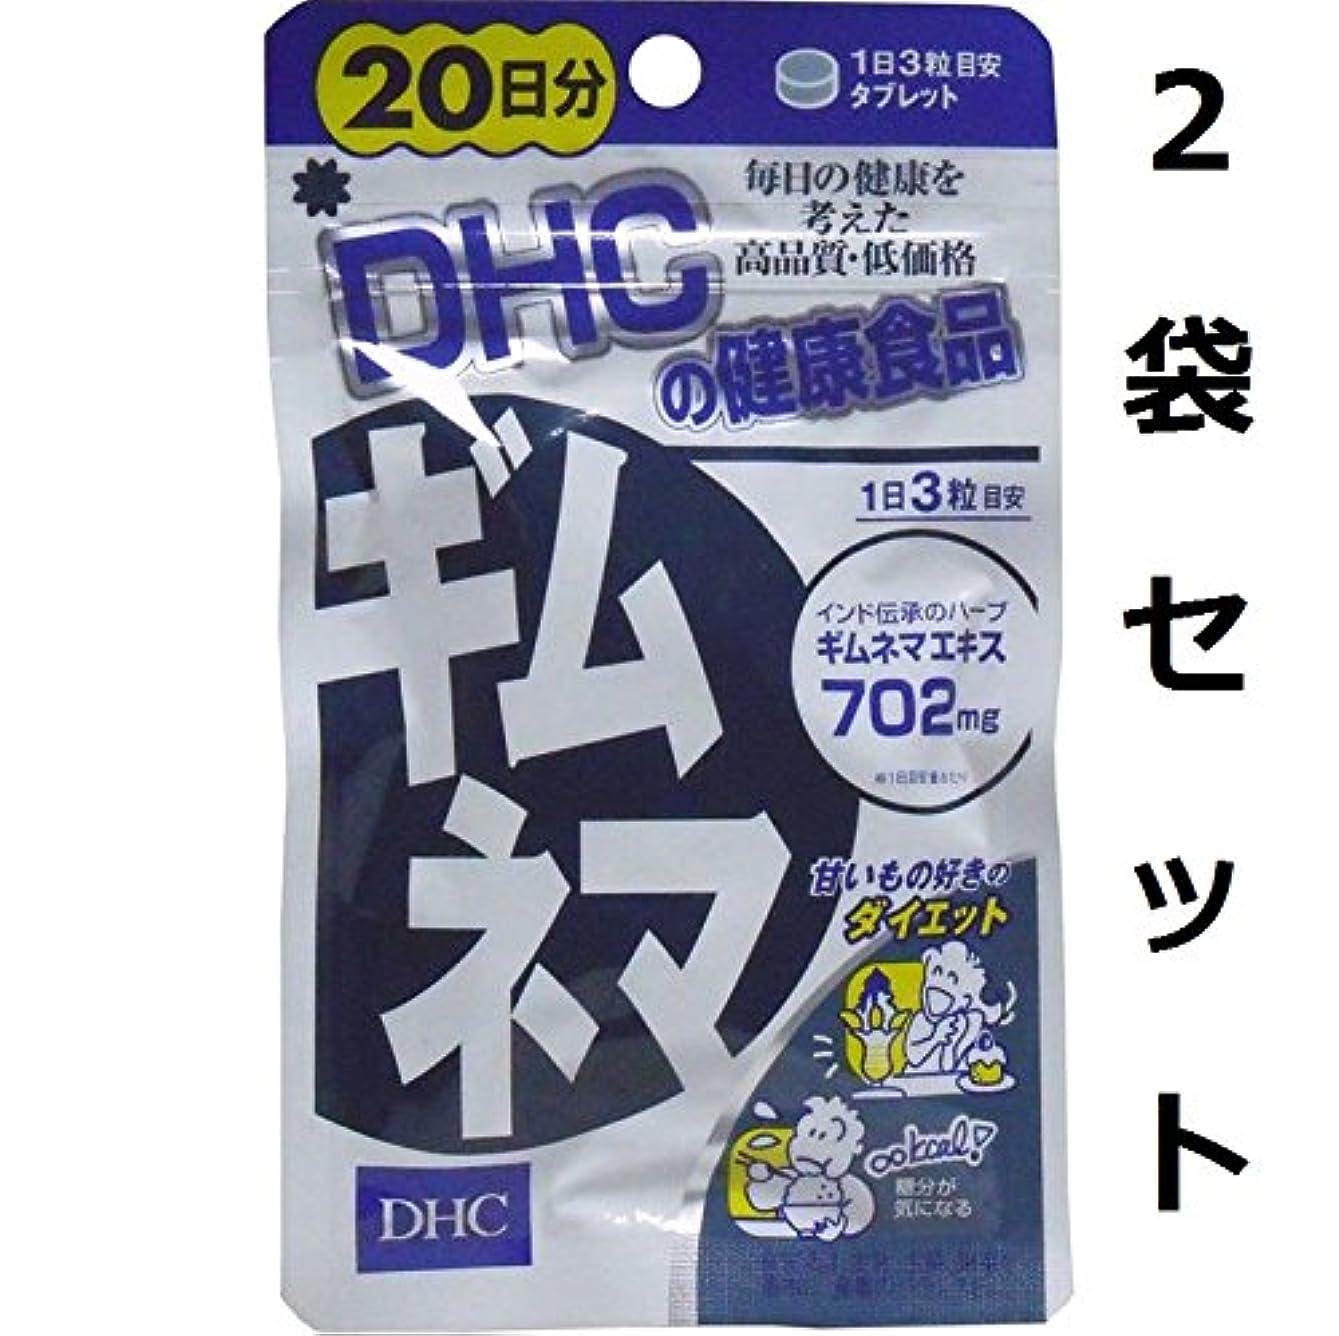 ラグ製作ばかげた我慢せずに余分な糖分をブロック DHC ギムネマ 20日分 60粒 2袋セット